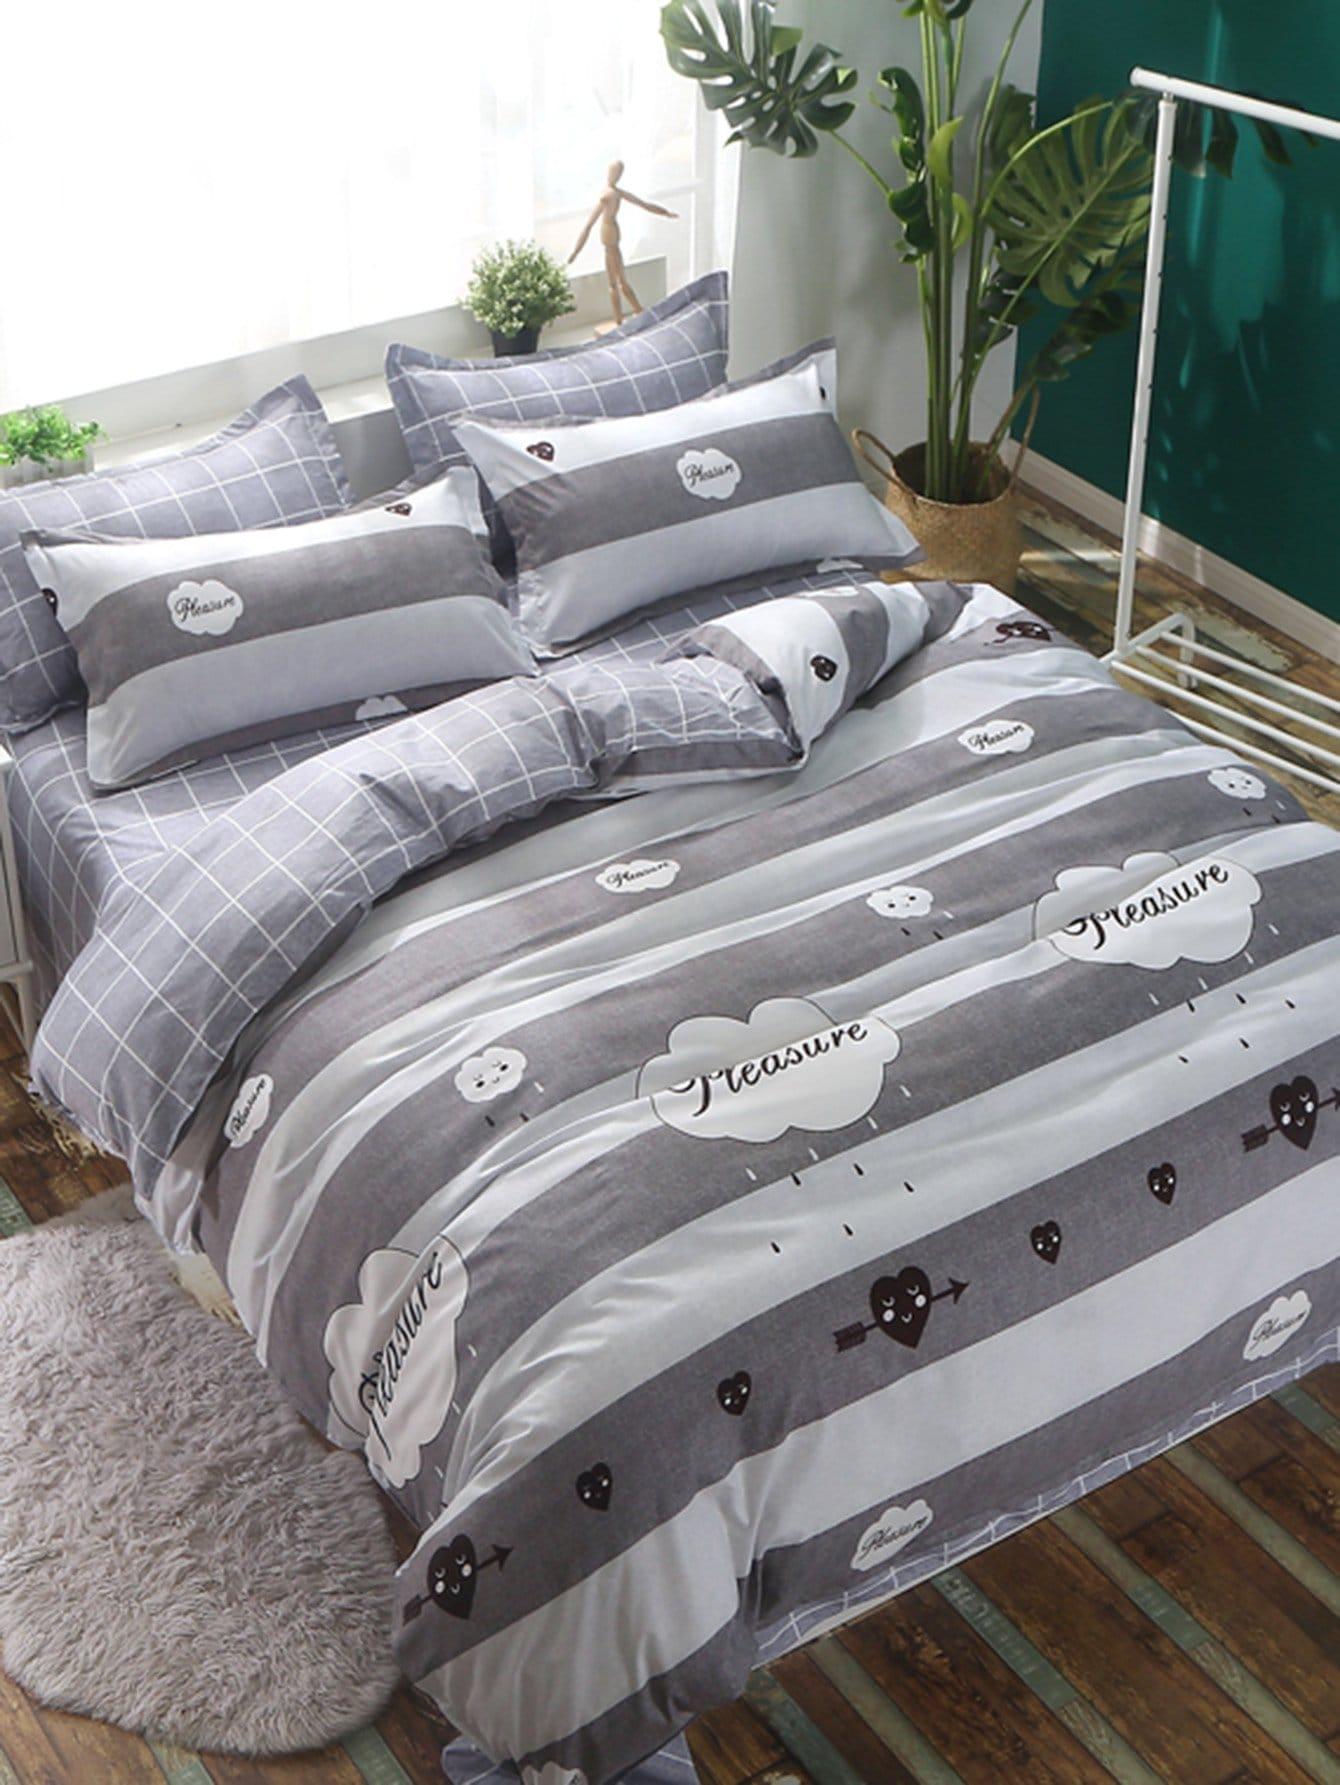 Купить Комплект полосатого постельного белья с принтом погоды, null, SheIn